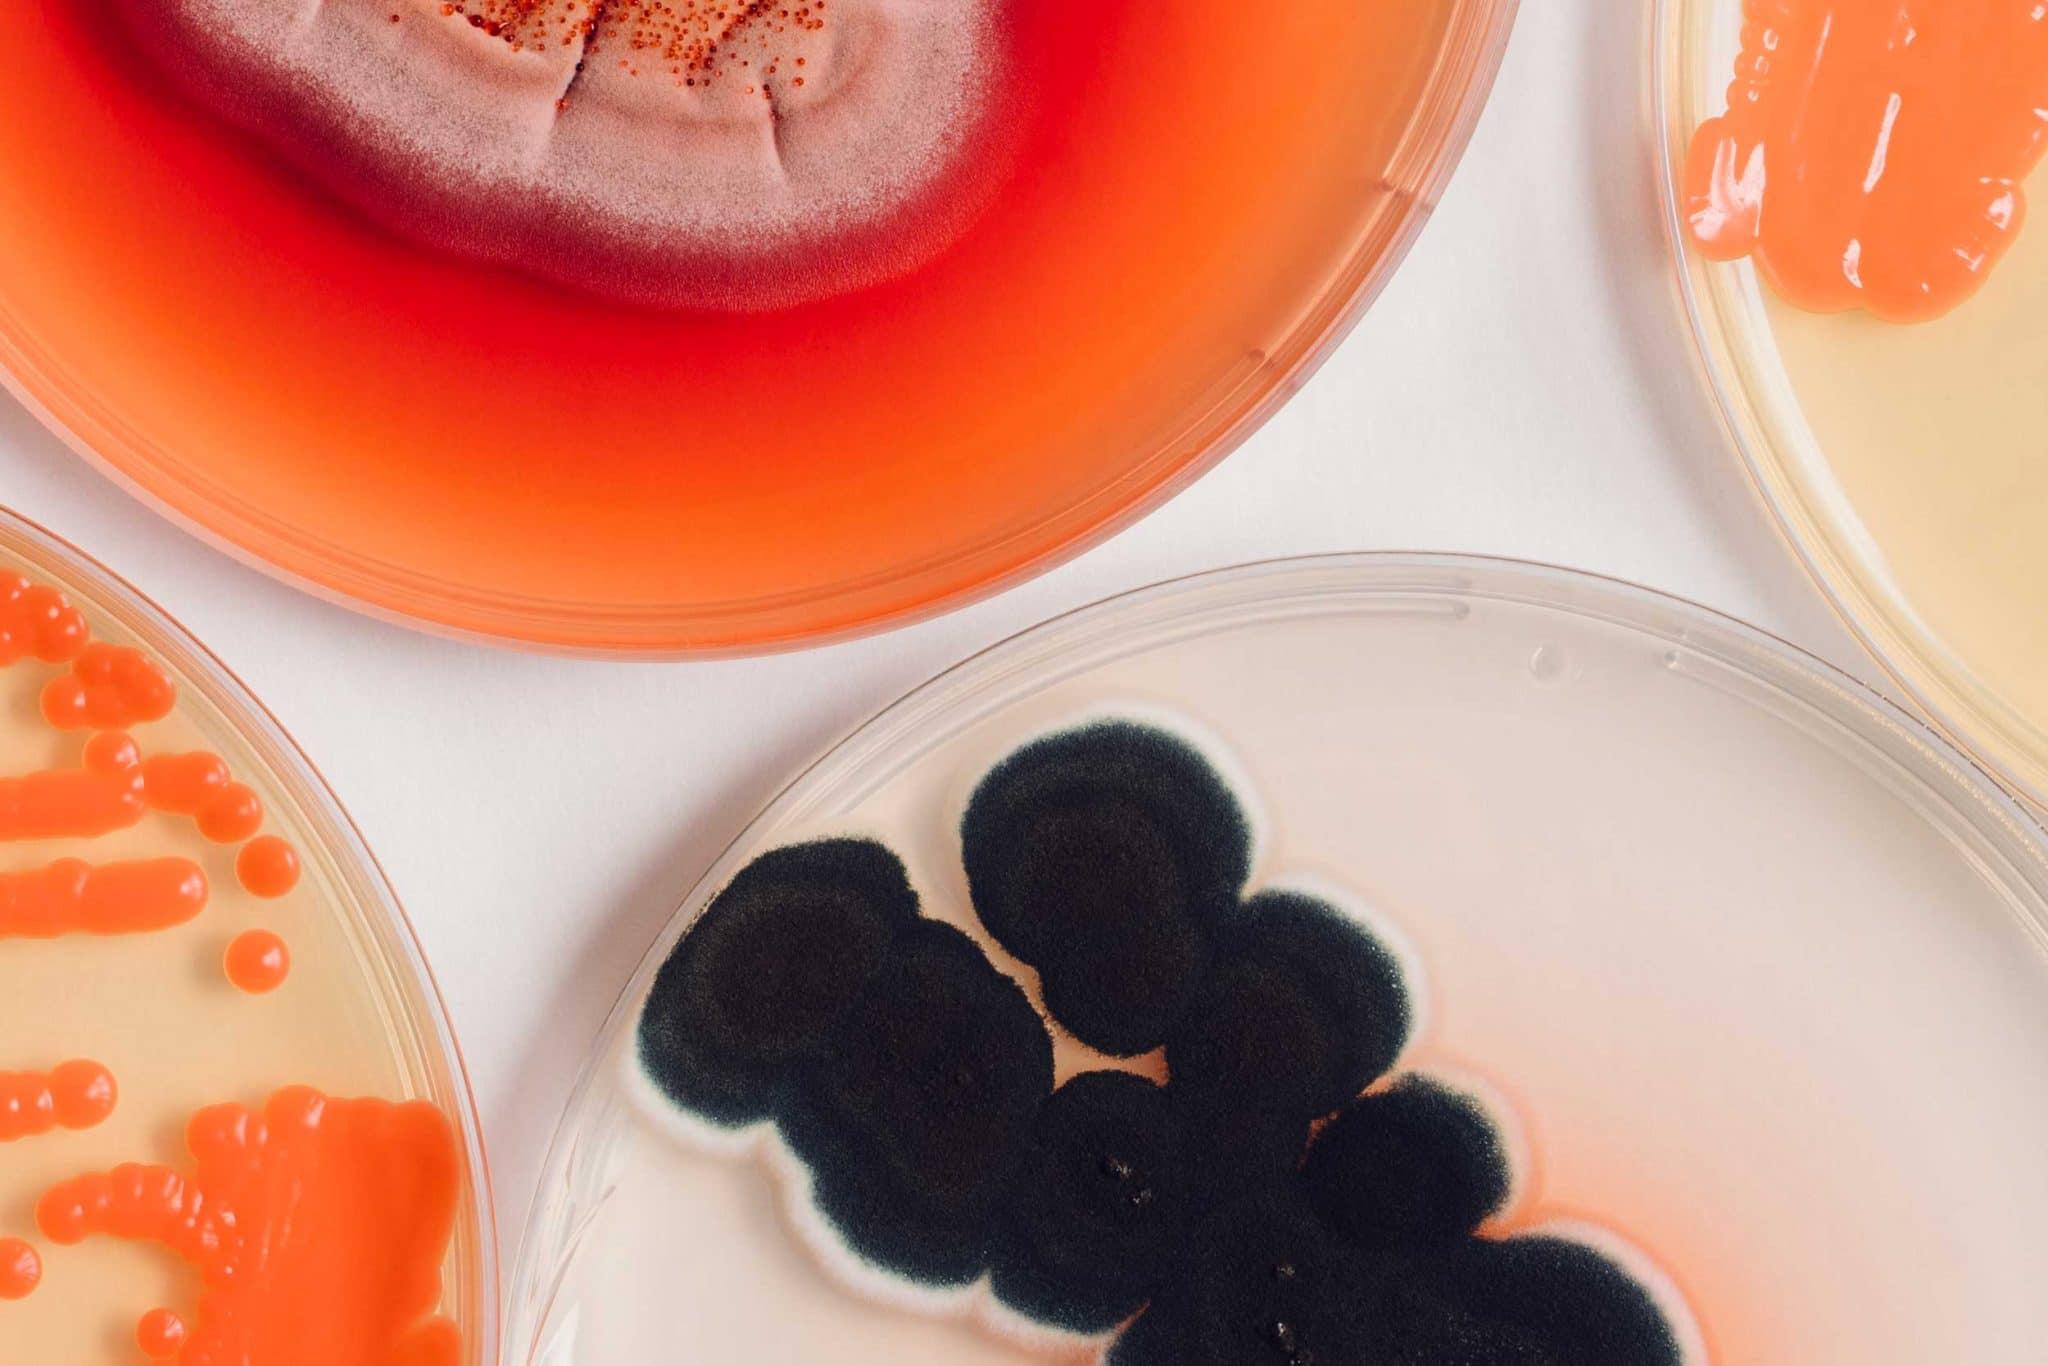 Värikkäitä mikrobeja maljalla